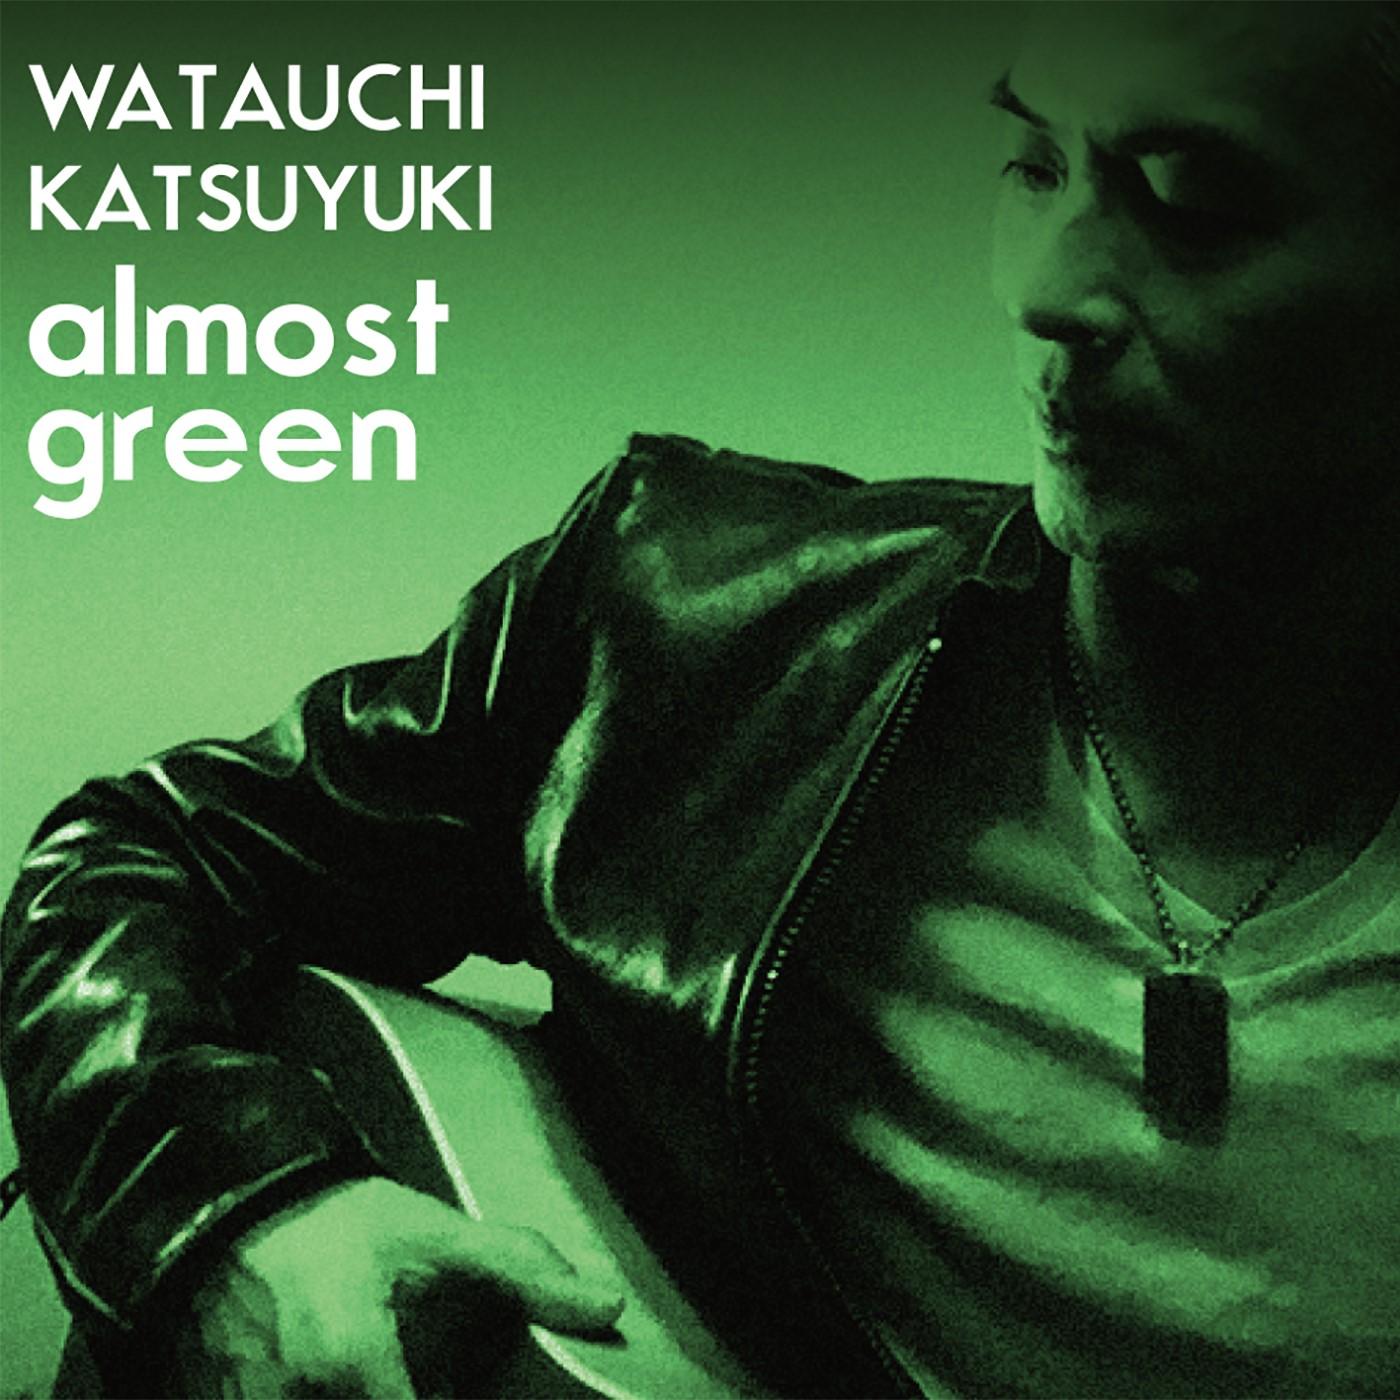 綿内克幸、7年ぶりのオリジナル・アルバム 「almost green」4月15日配信開始